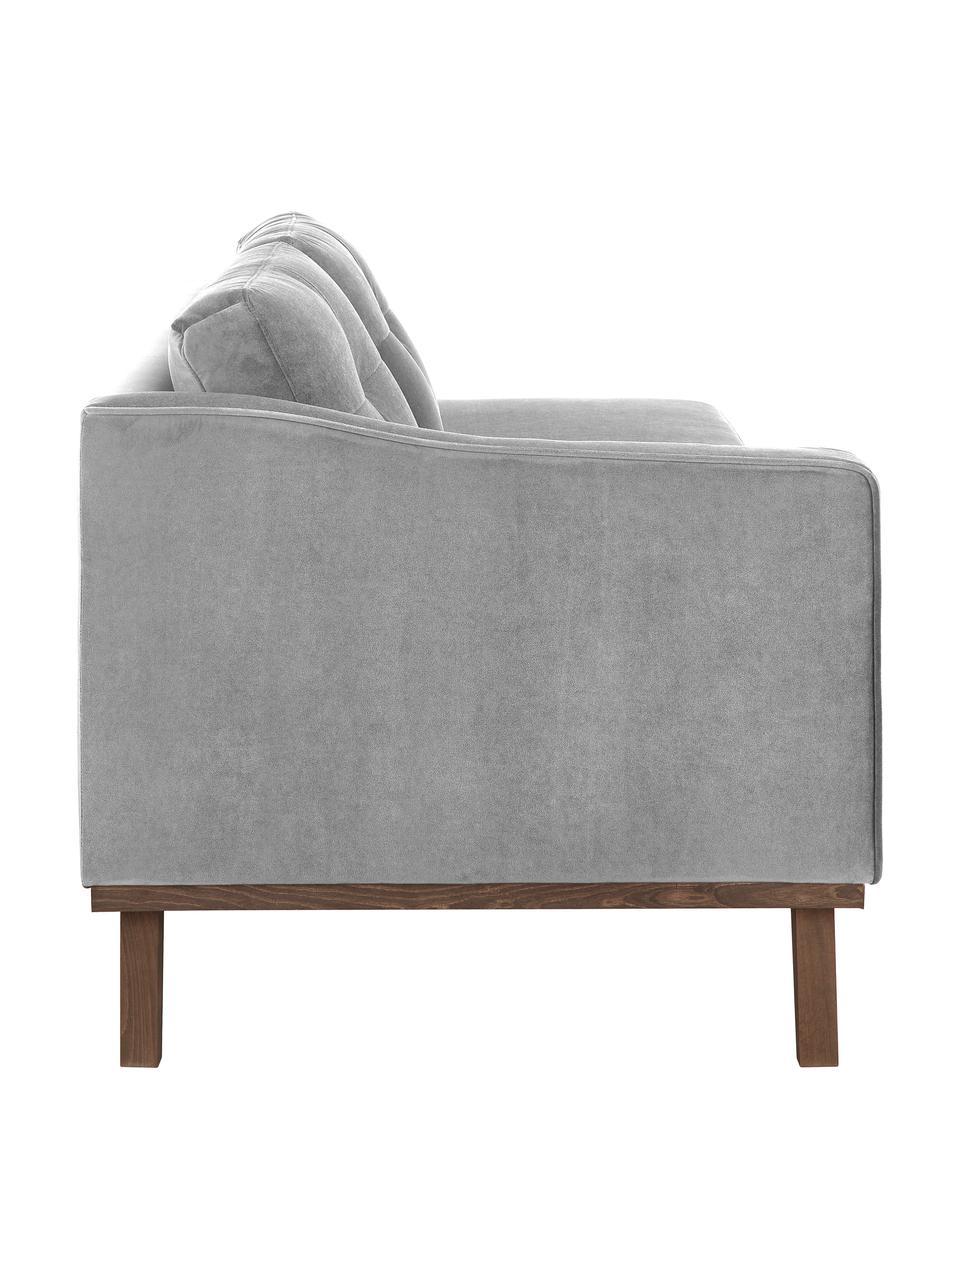 Fluwelen chaise longue Alva in grijs met beukenhout-poten, Bekleding: fluweel (hoogwaardig poly, Frame: massief grenenhout, Poten: massief gebeitst beukenho, Grijs, B 193 x D 94 cm